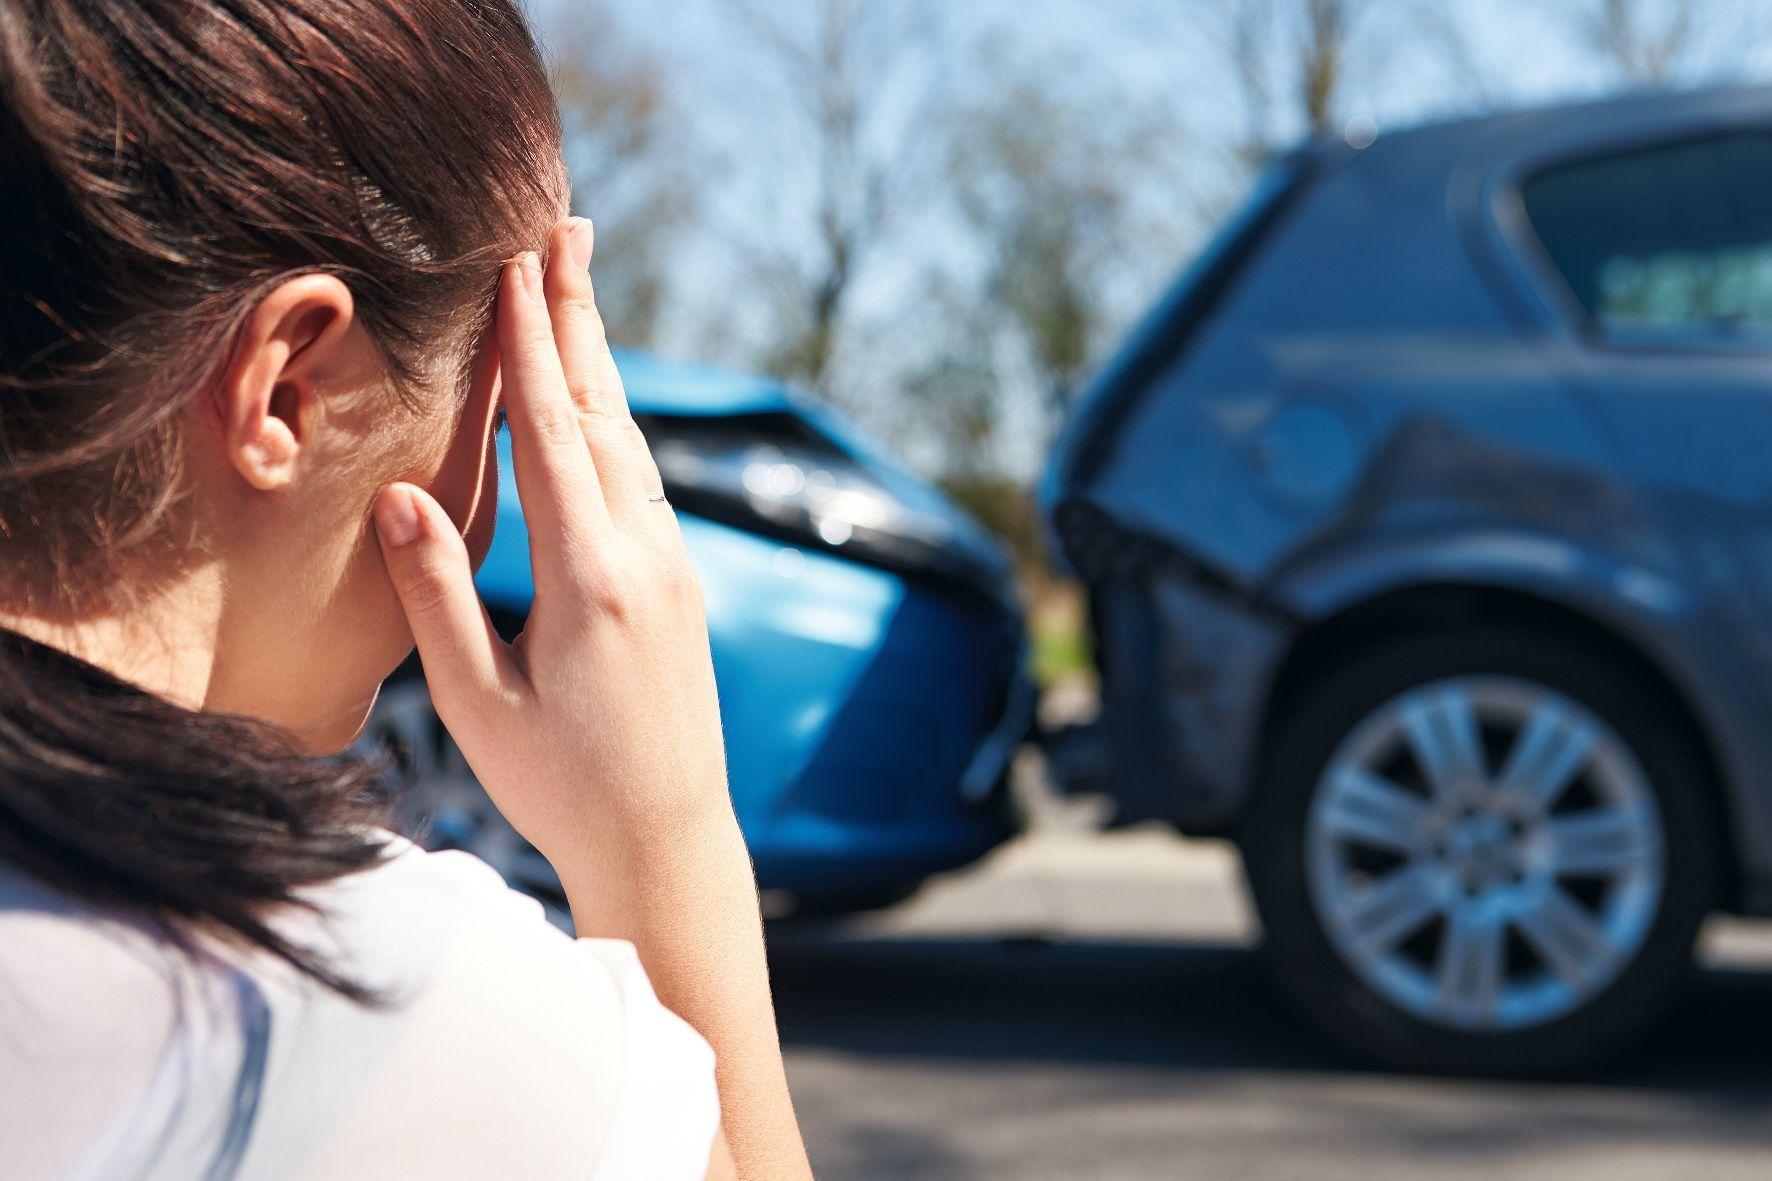 mid Groß-Gerau - Verkehrsunfälle stellen für die Beteiligten eine Ausnahme-Situation dar. Dann gilt es, kühlen Kopf zu bewahren und einige wichtige Verhaltensregeln zu beachten.